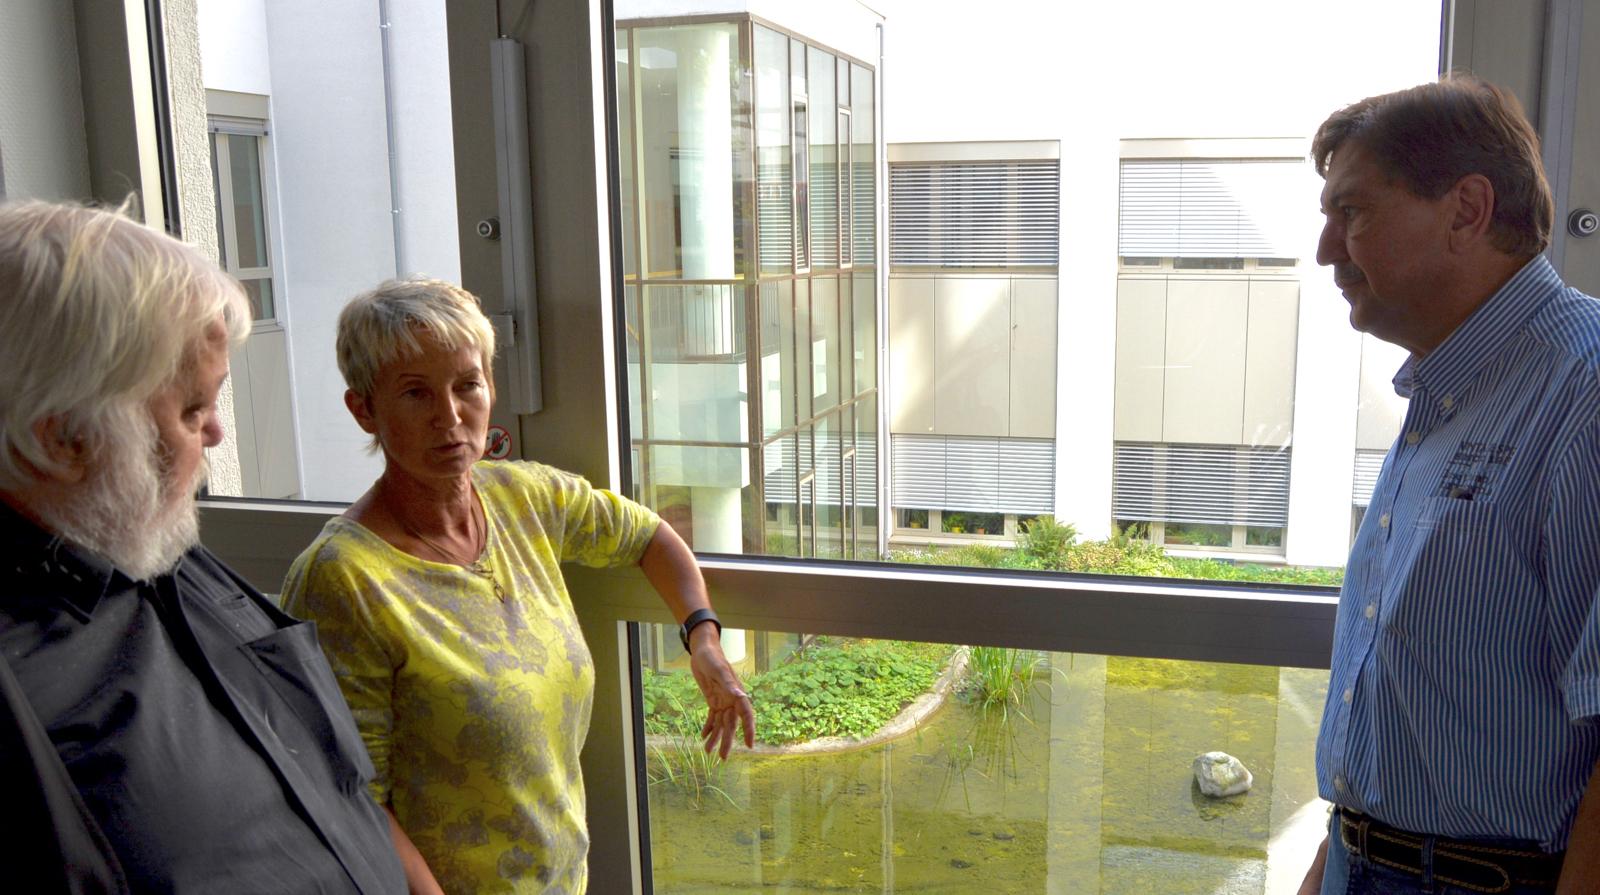 3. Langer Tag der StadtNatur: Die SPD-Ratsfraktion hatte zu einer Information über Dachbegrünung am Beispiel des Technischen Rathauses eingeladen. Im Bild unter anderem Martina Schmück-Glock, Vorsitzende des Ausschusses für Umwelt, Sicherheit und Ordnung, sowie Klaus Hemmerling, Sprecher der SPD im Umweltausschuss.